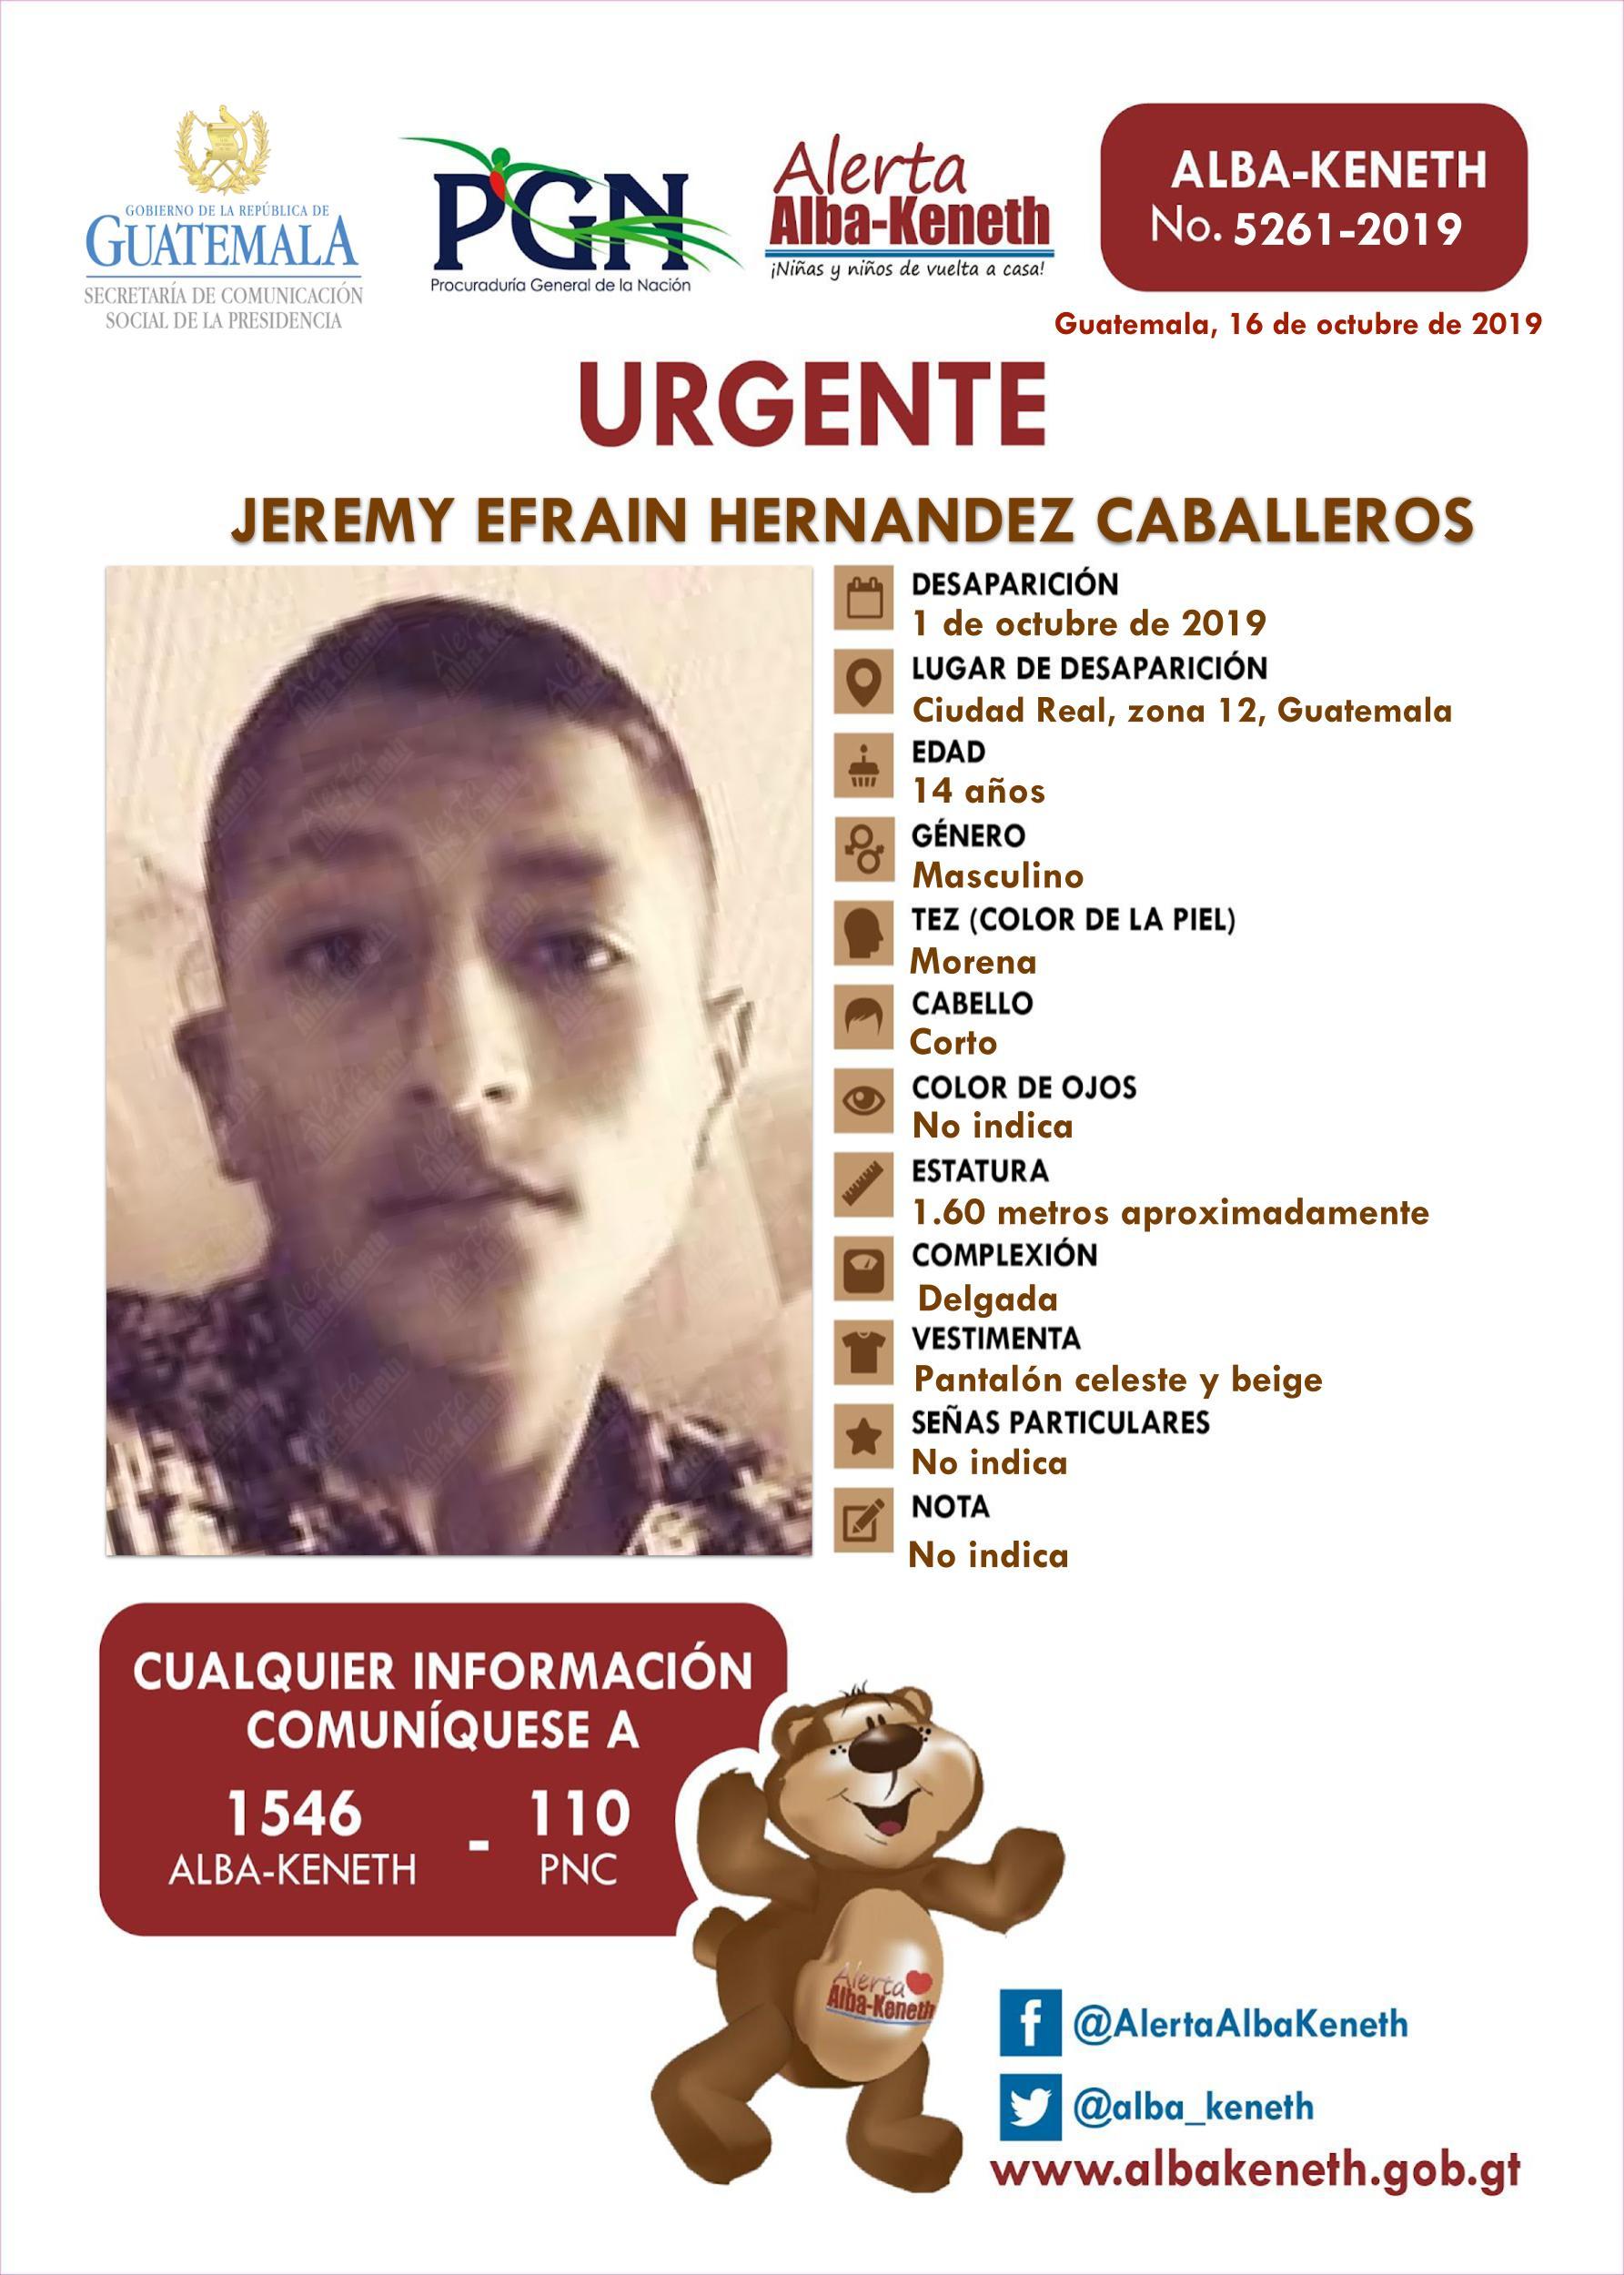 Jeremy Efrain Hernandez Caballeros